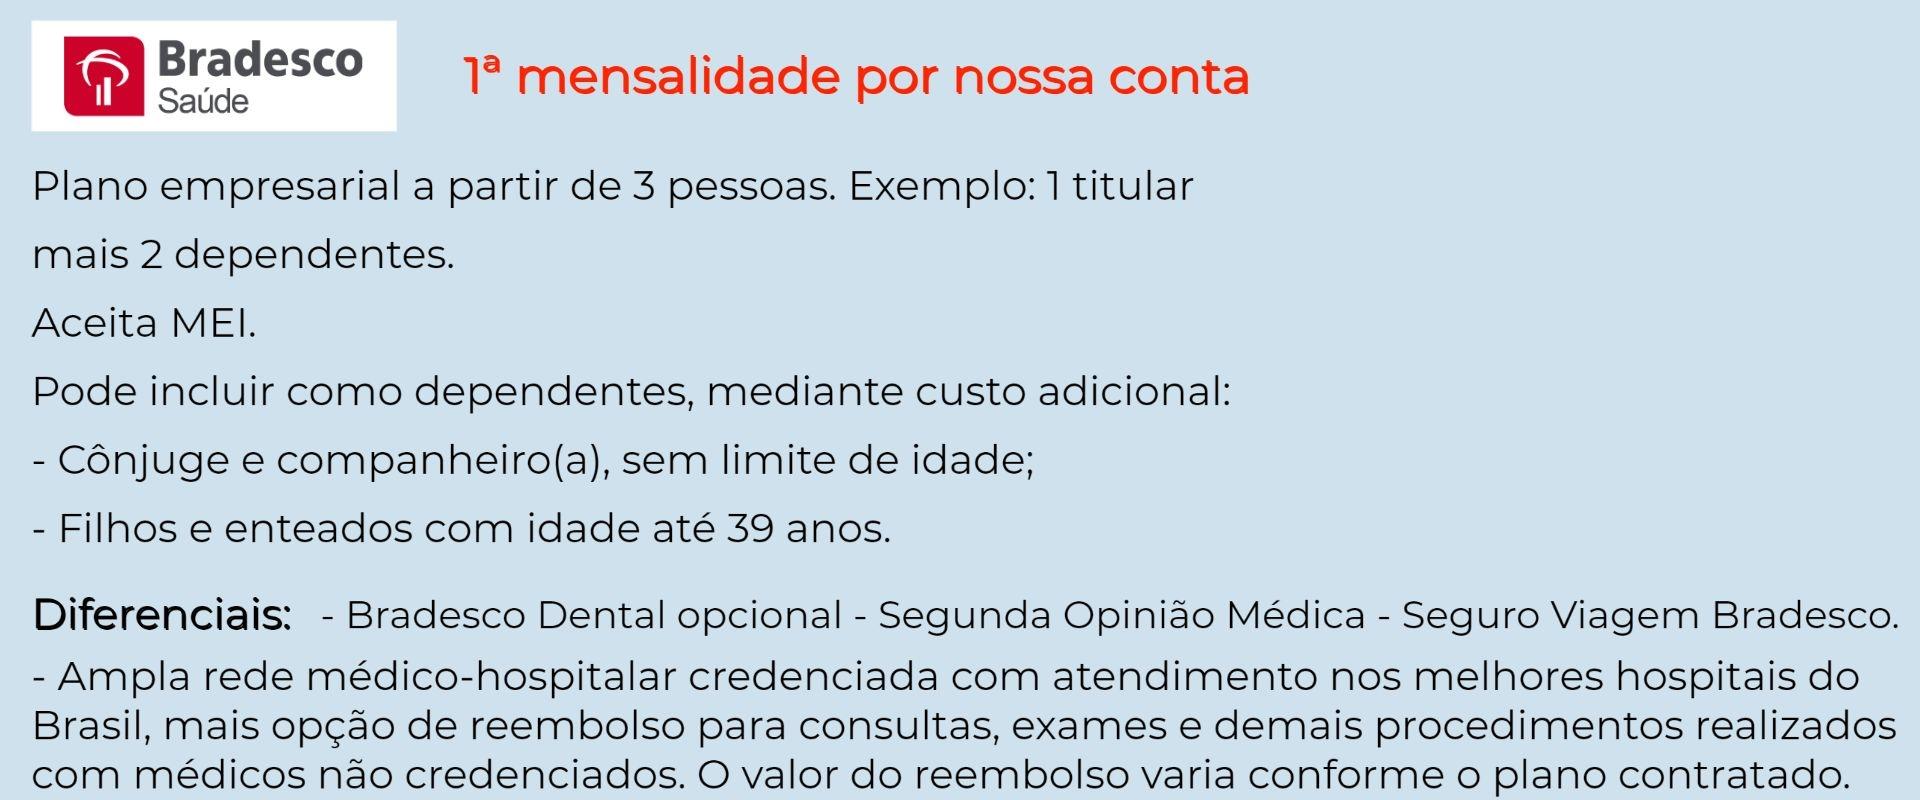 Bradesco Saúde Empresarial -  Alegre